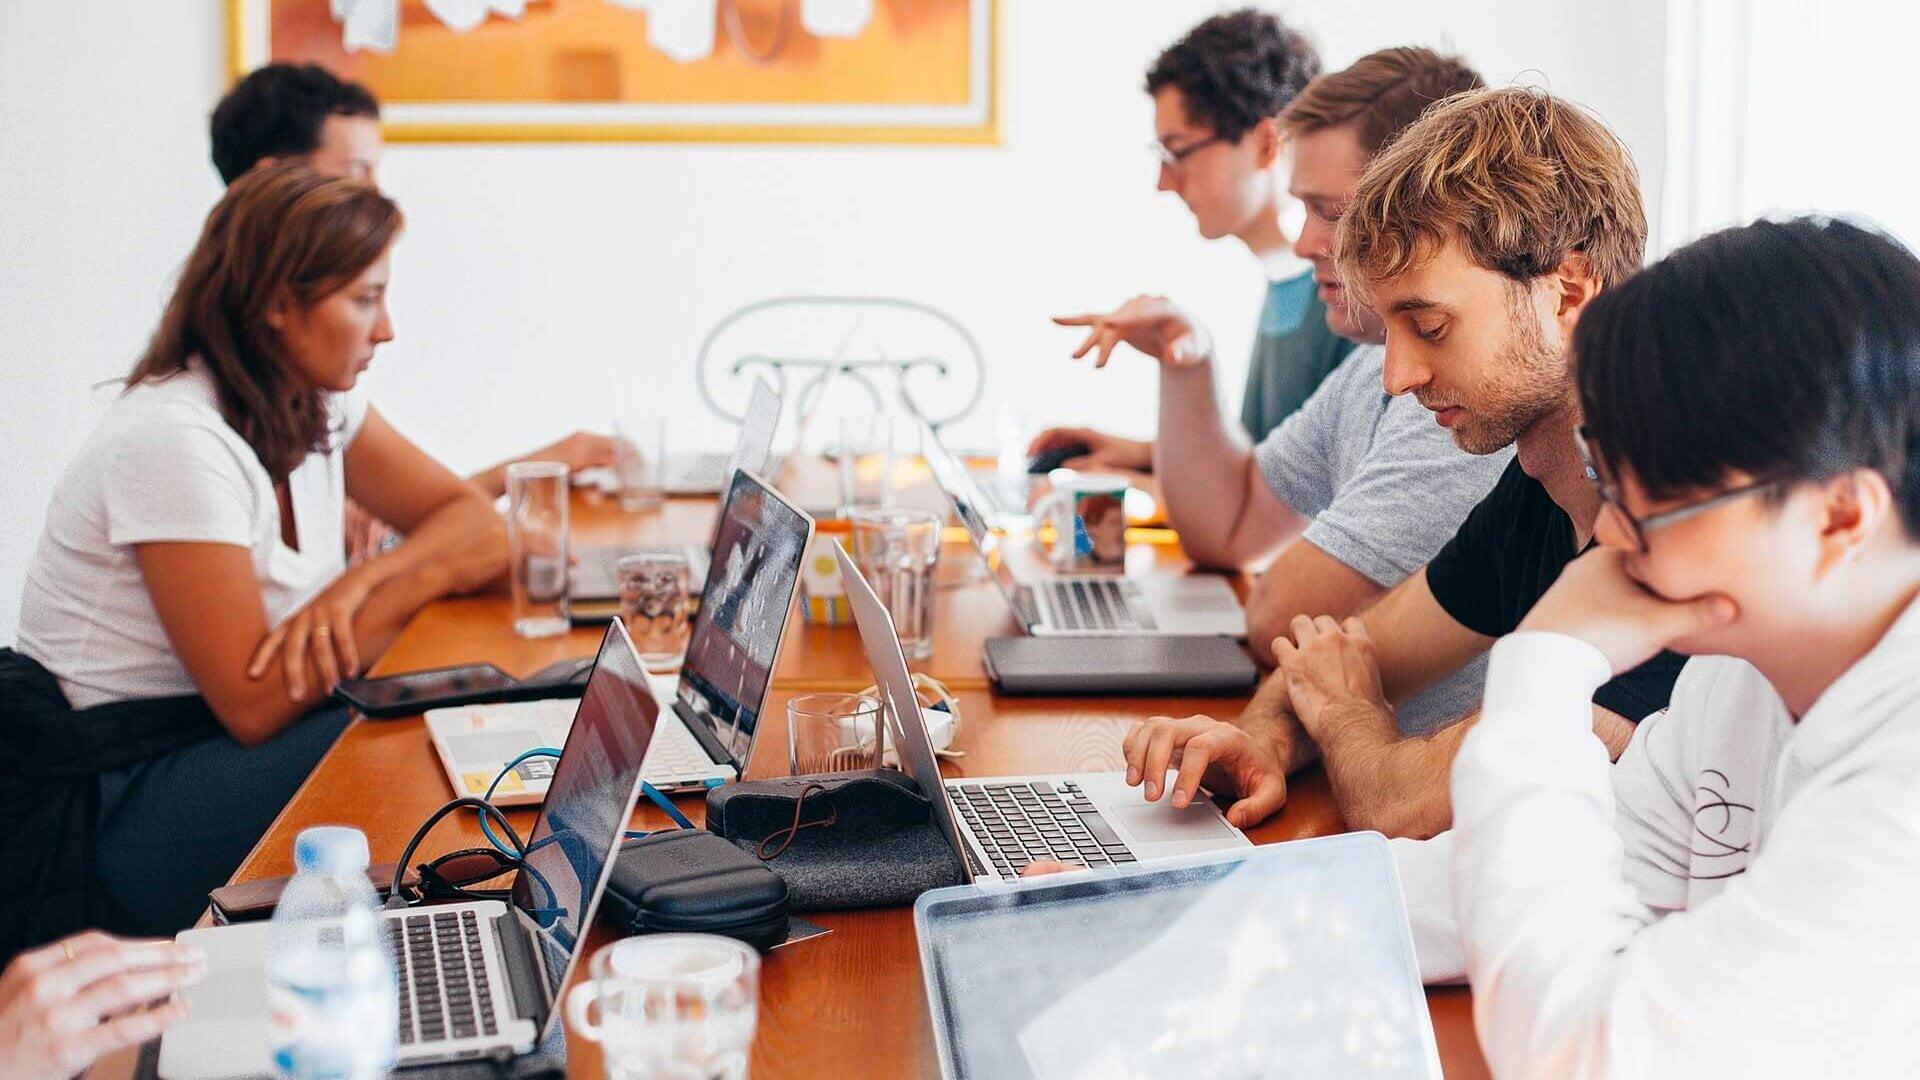 Young social Entrepreneurs